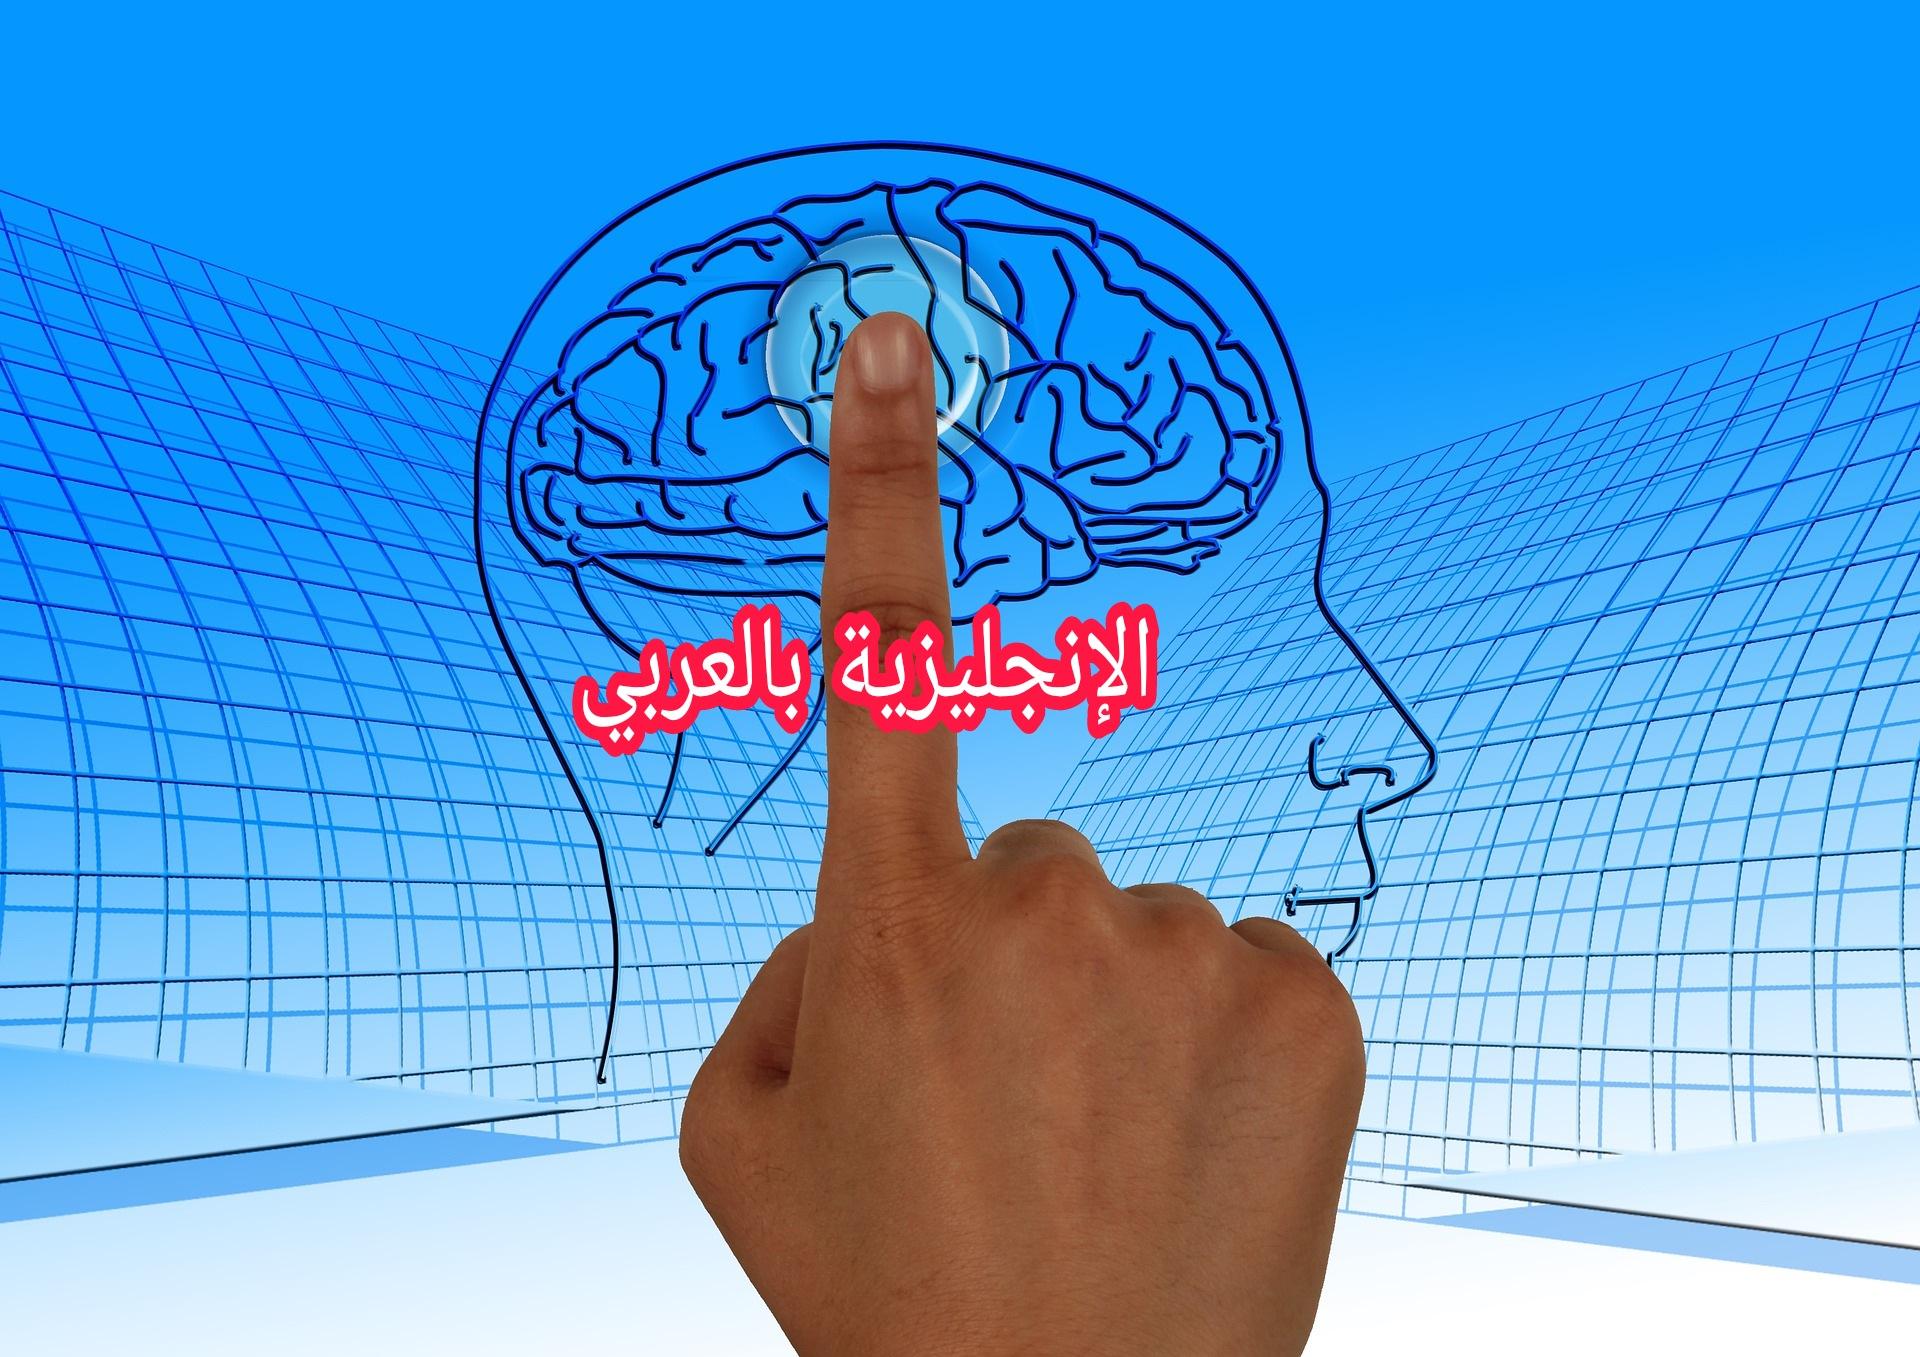 دماغ الإنسان باللغة الإنجليزية